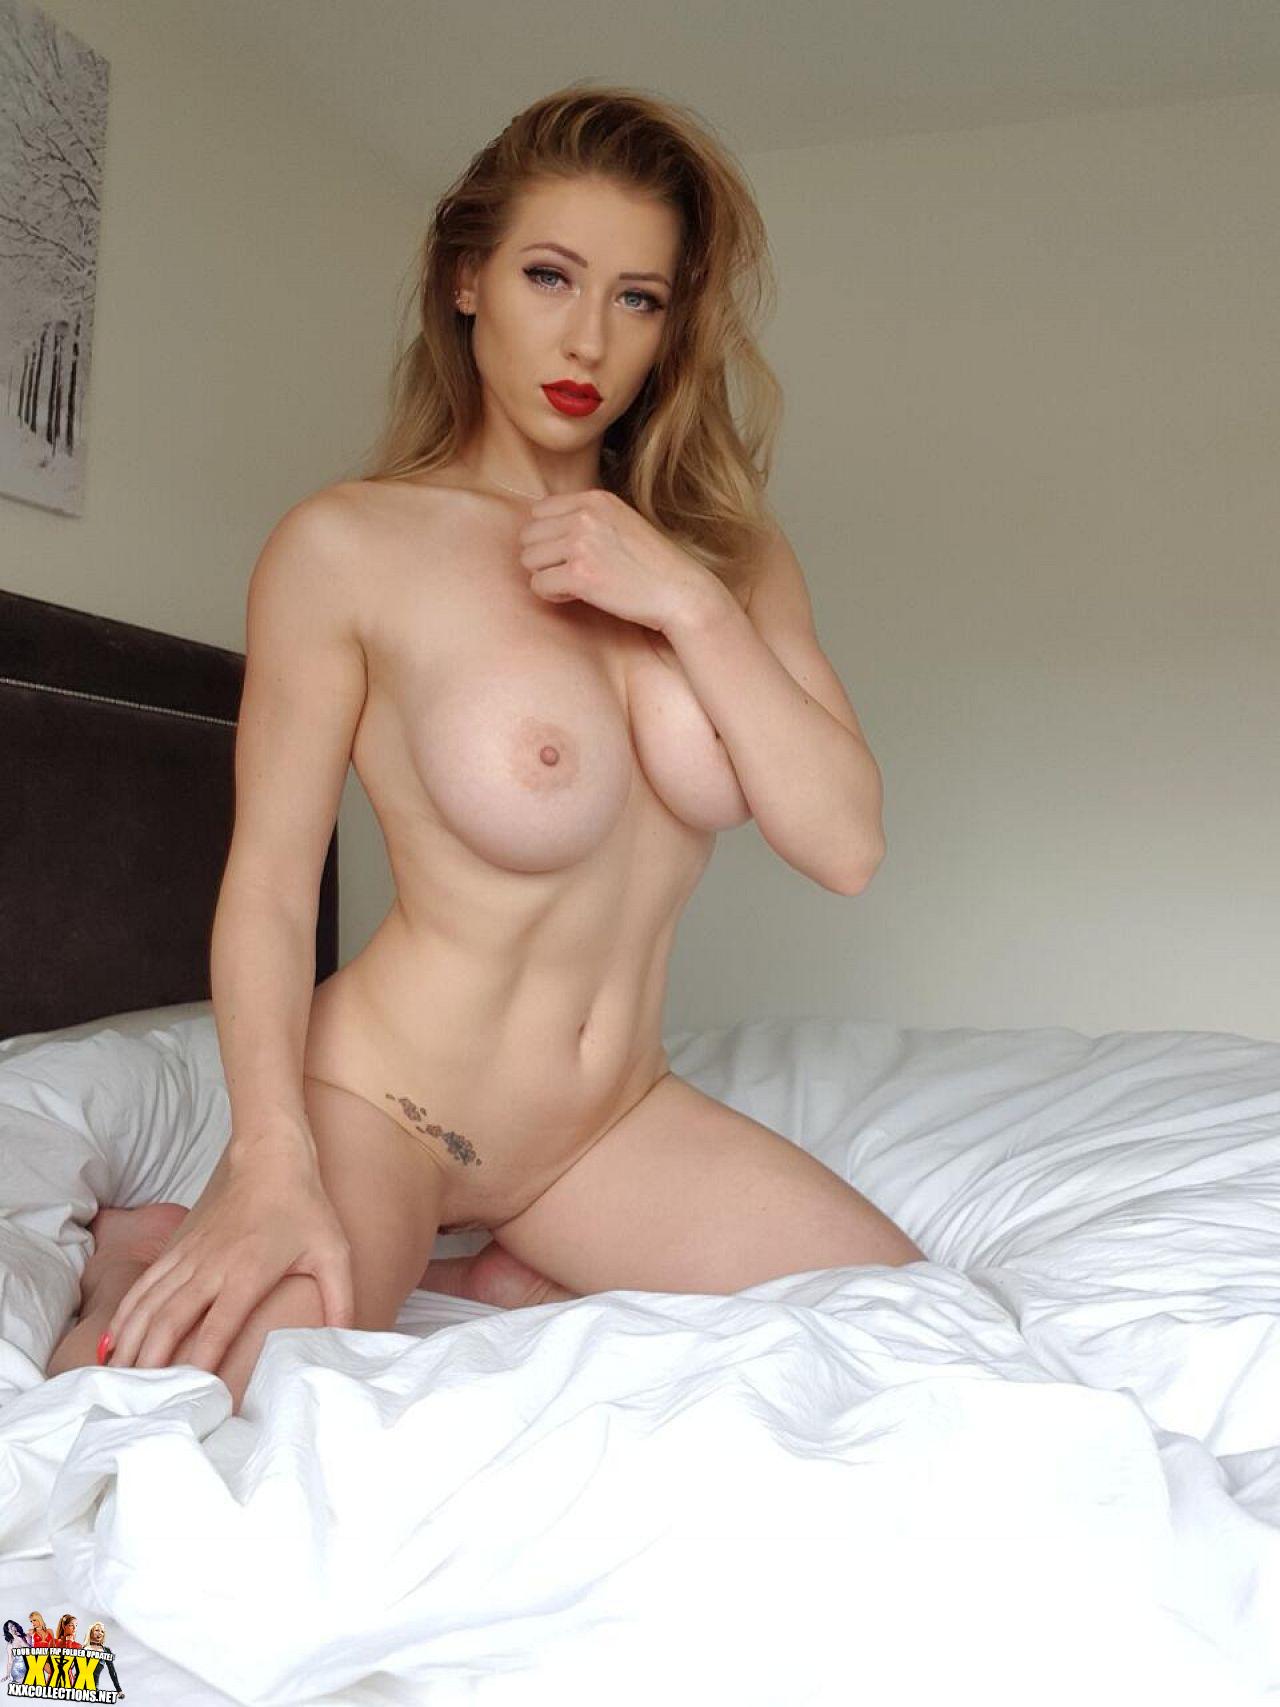 Anastasiaxxx89